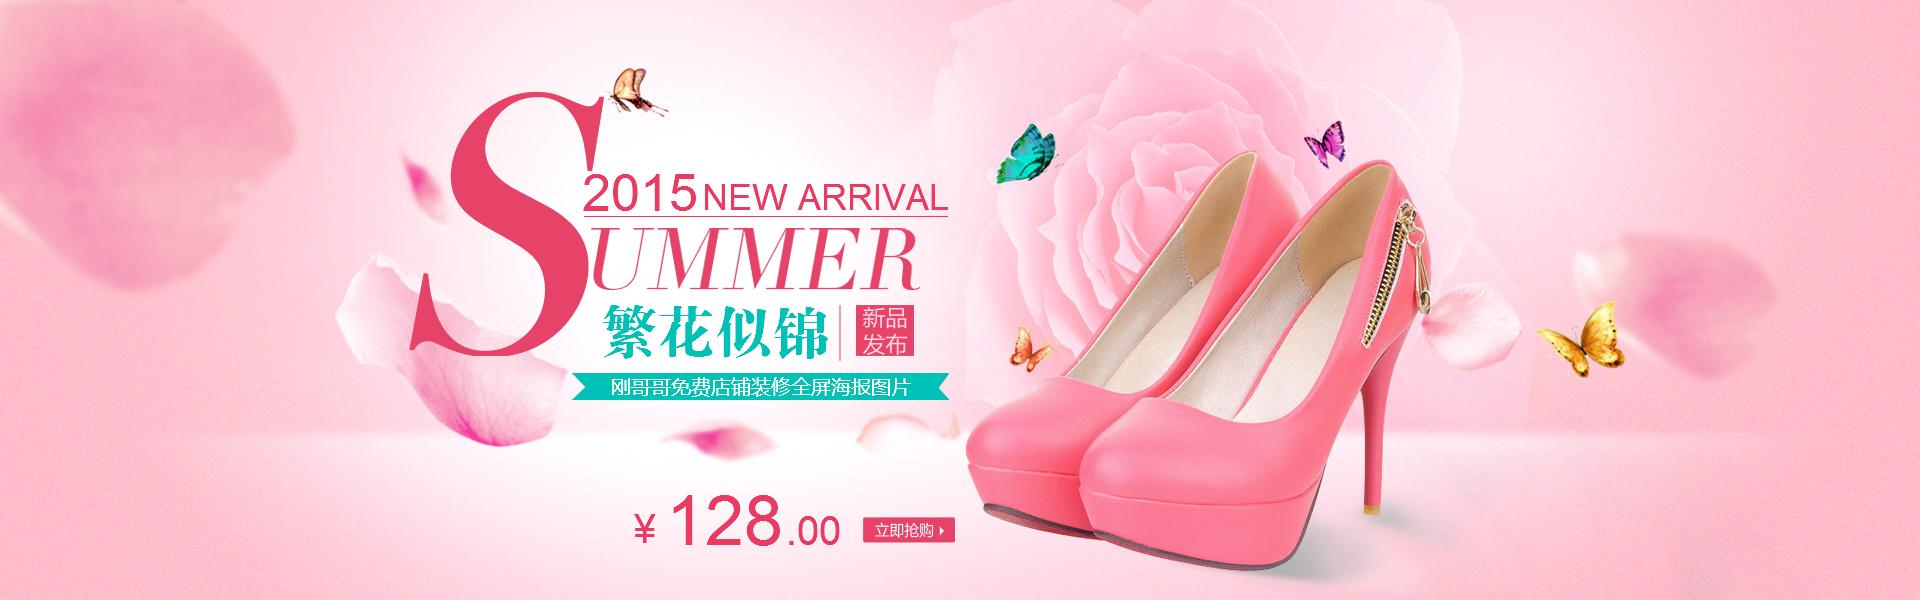 粉色甜美性感高跟鞋繁花似锦新品发布淘宝店铺天猫旺铺装修全屏海报图片在线制作